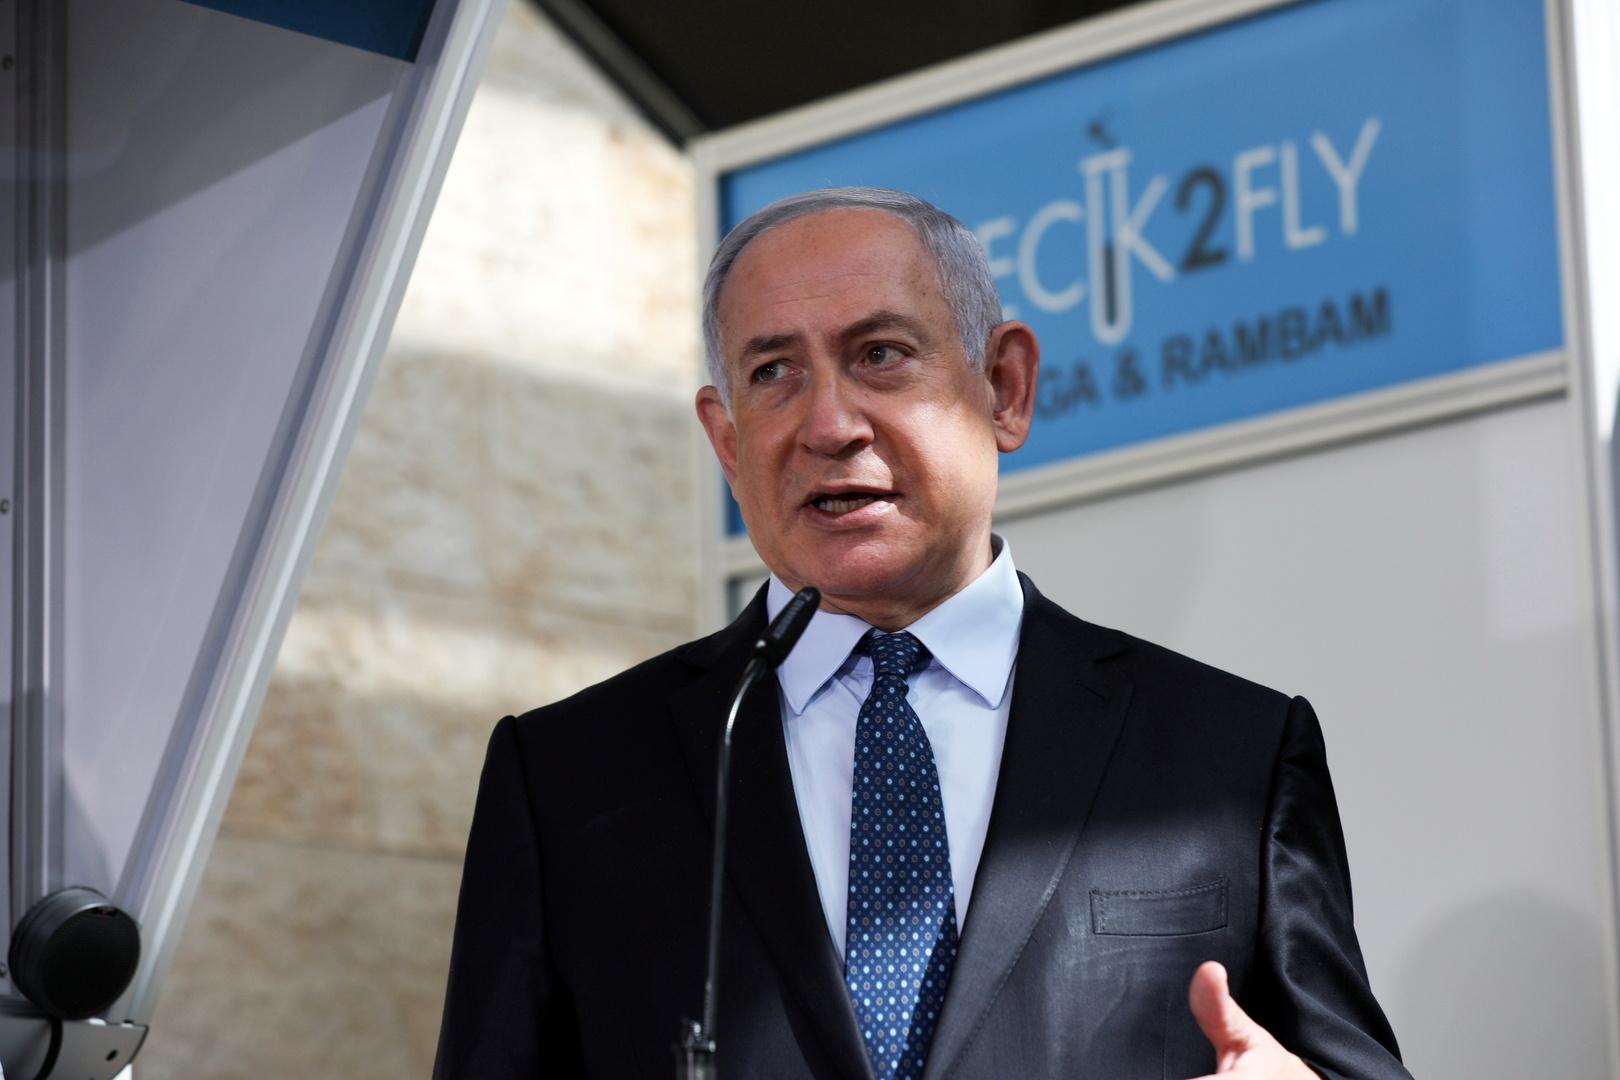 إسرائيل تتجه لإغلاق عام لأسبوعين مع ارتفاع إصابات كورونا